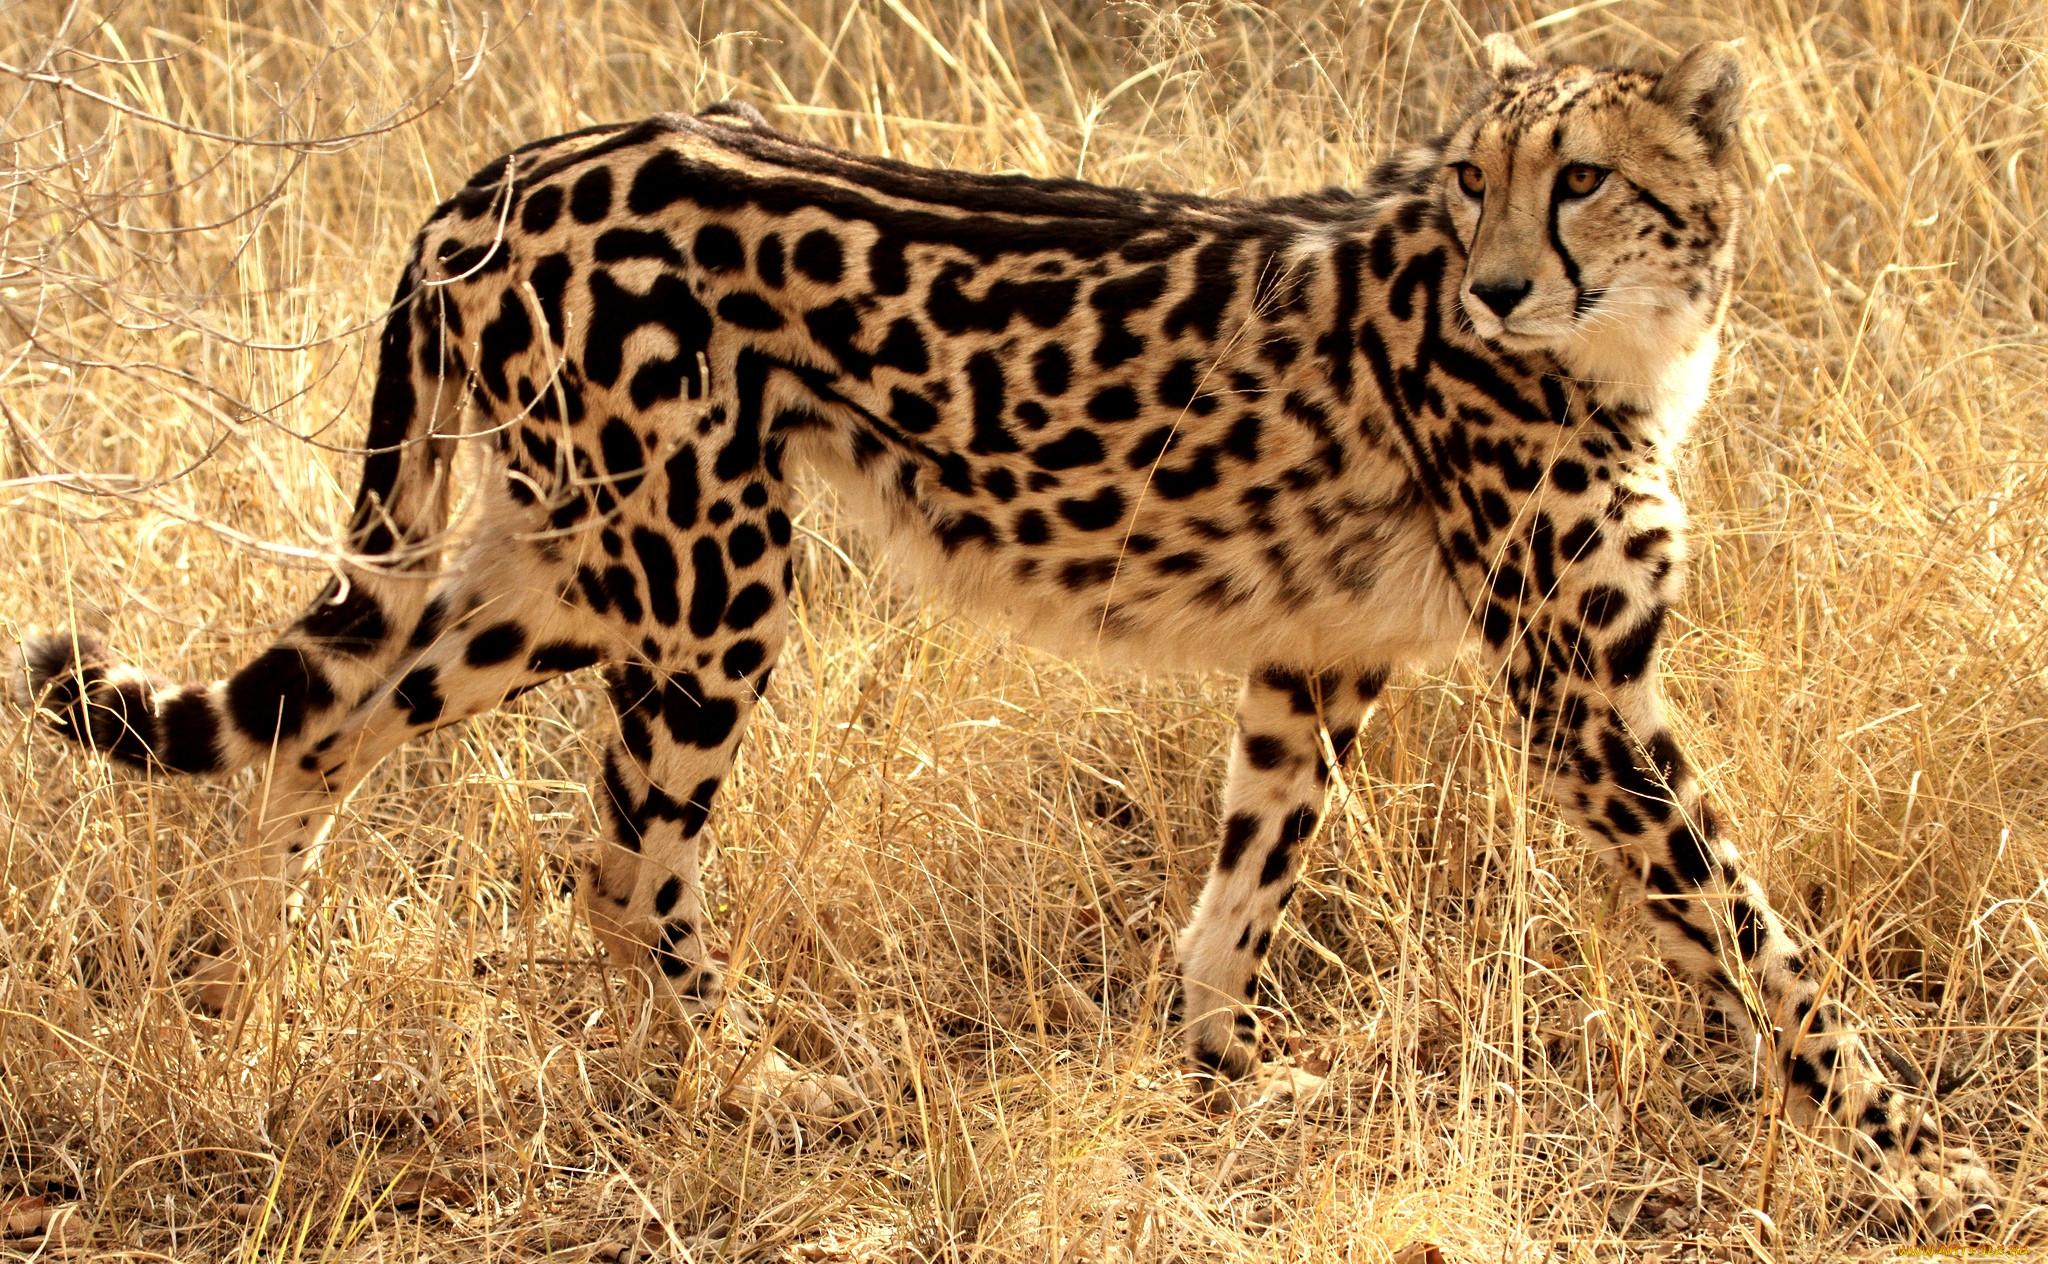 теплица гепард кошки картинки необычной